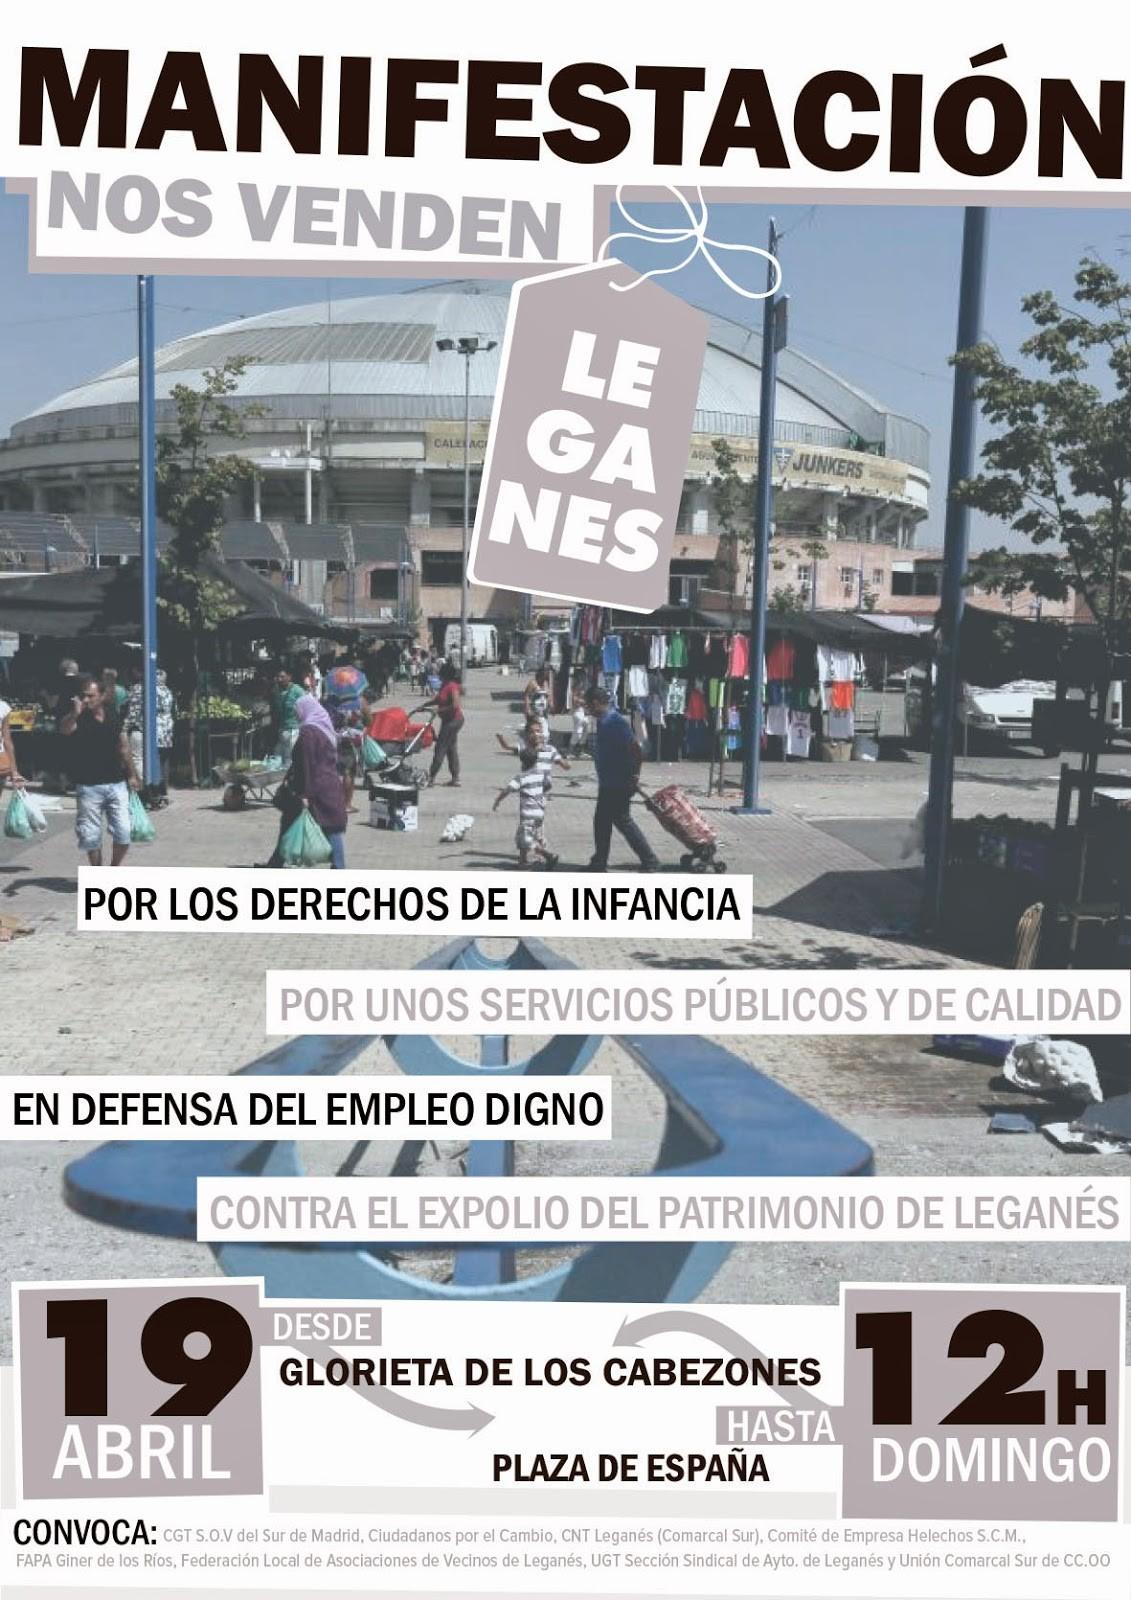 """Manifestación el 19 de abril a las 12:00h, """"Nos venden Leganés"""""""